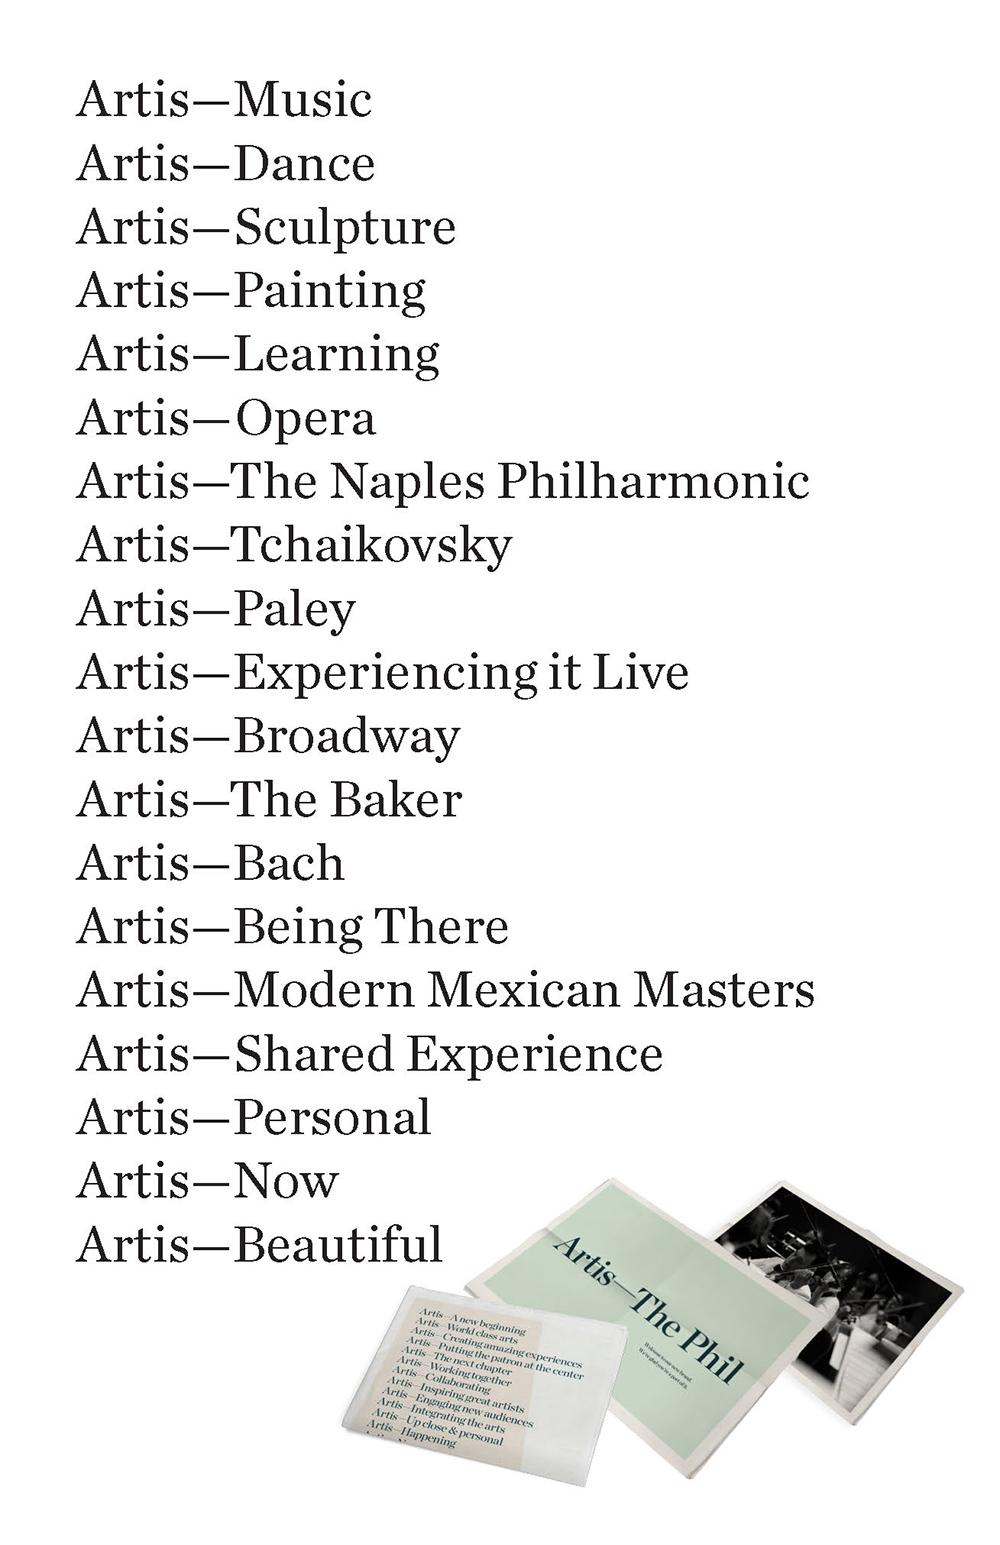 ARTIS11.jpg